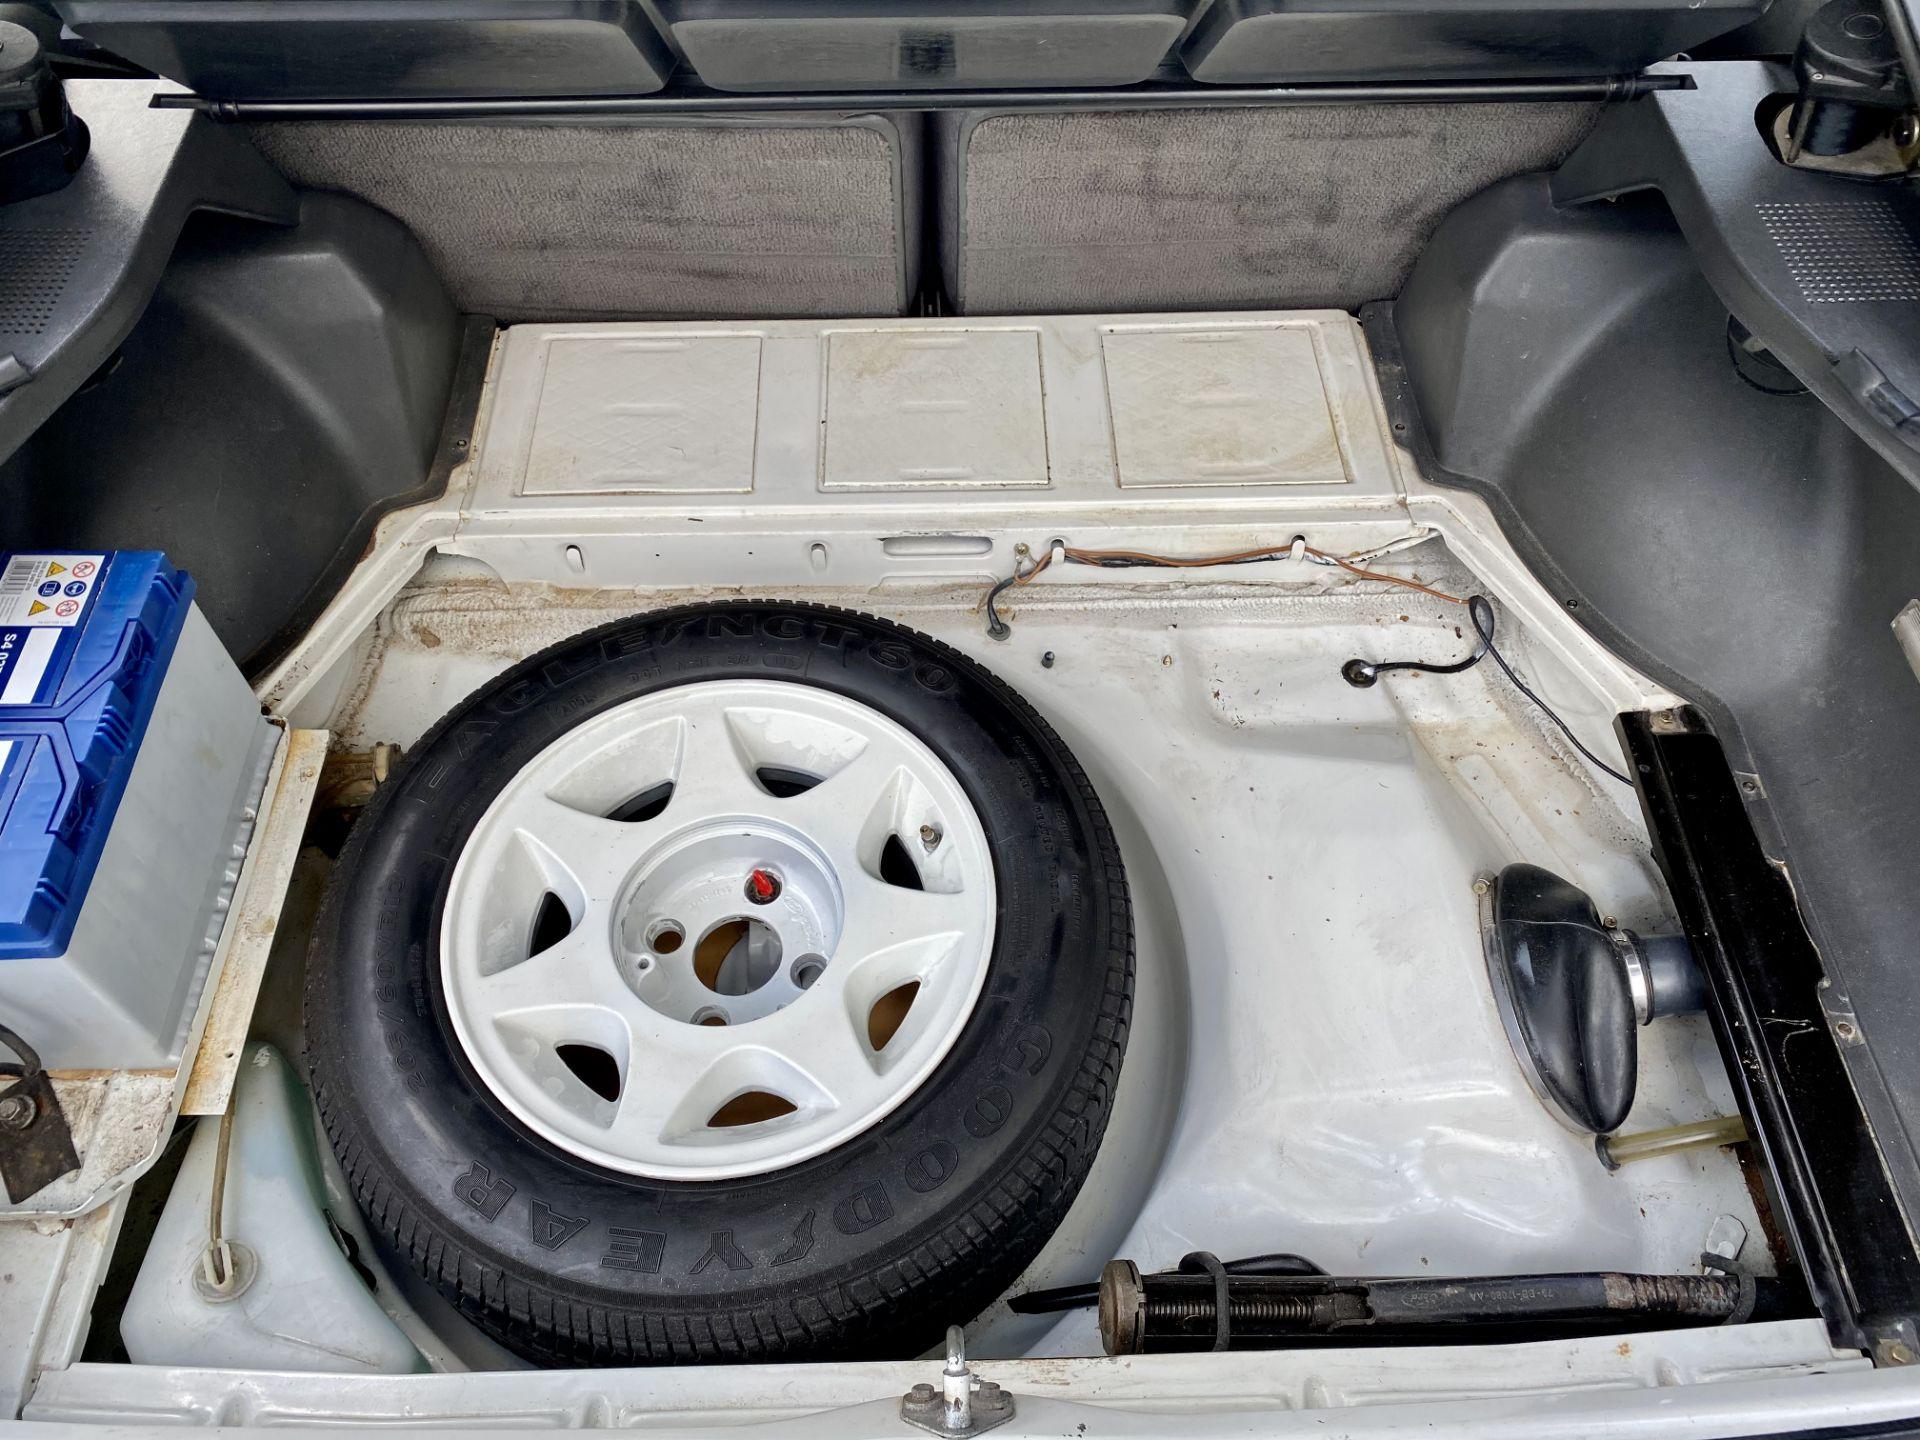 Ford Capri Tickford Turbo - Image 58 of 62